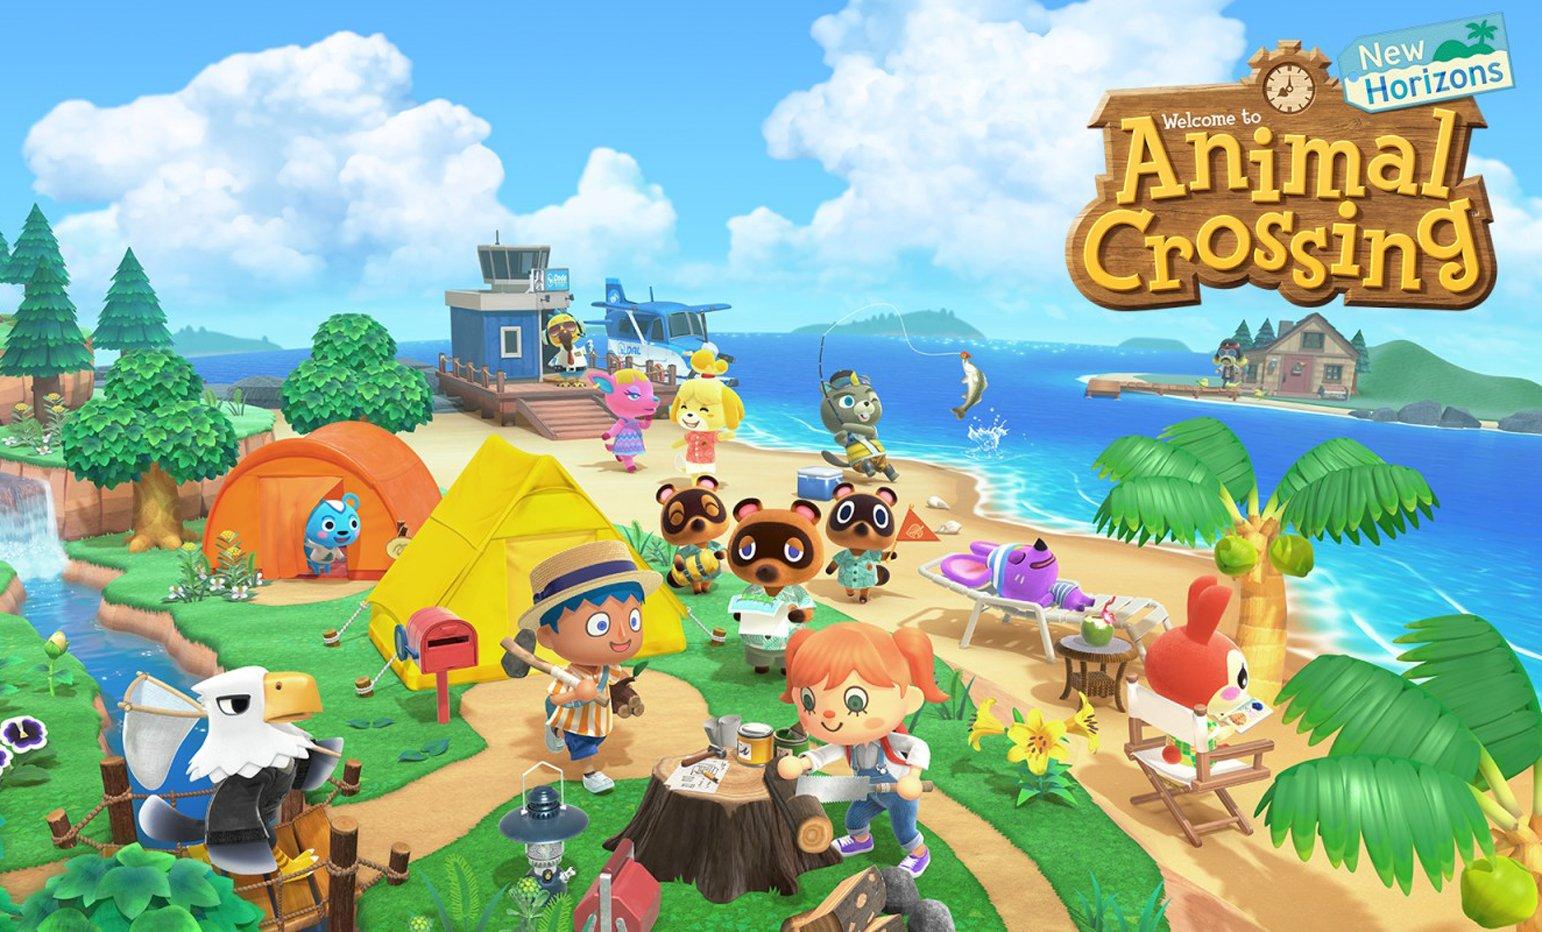 Au Japon, les ventes d'Animal Crossing dépassent déjà Mario Kart 8 Deluxe